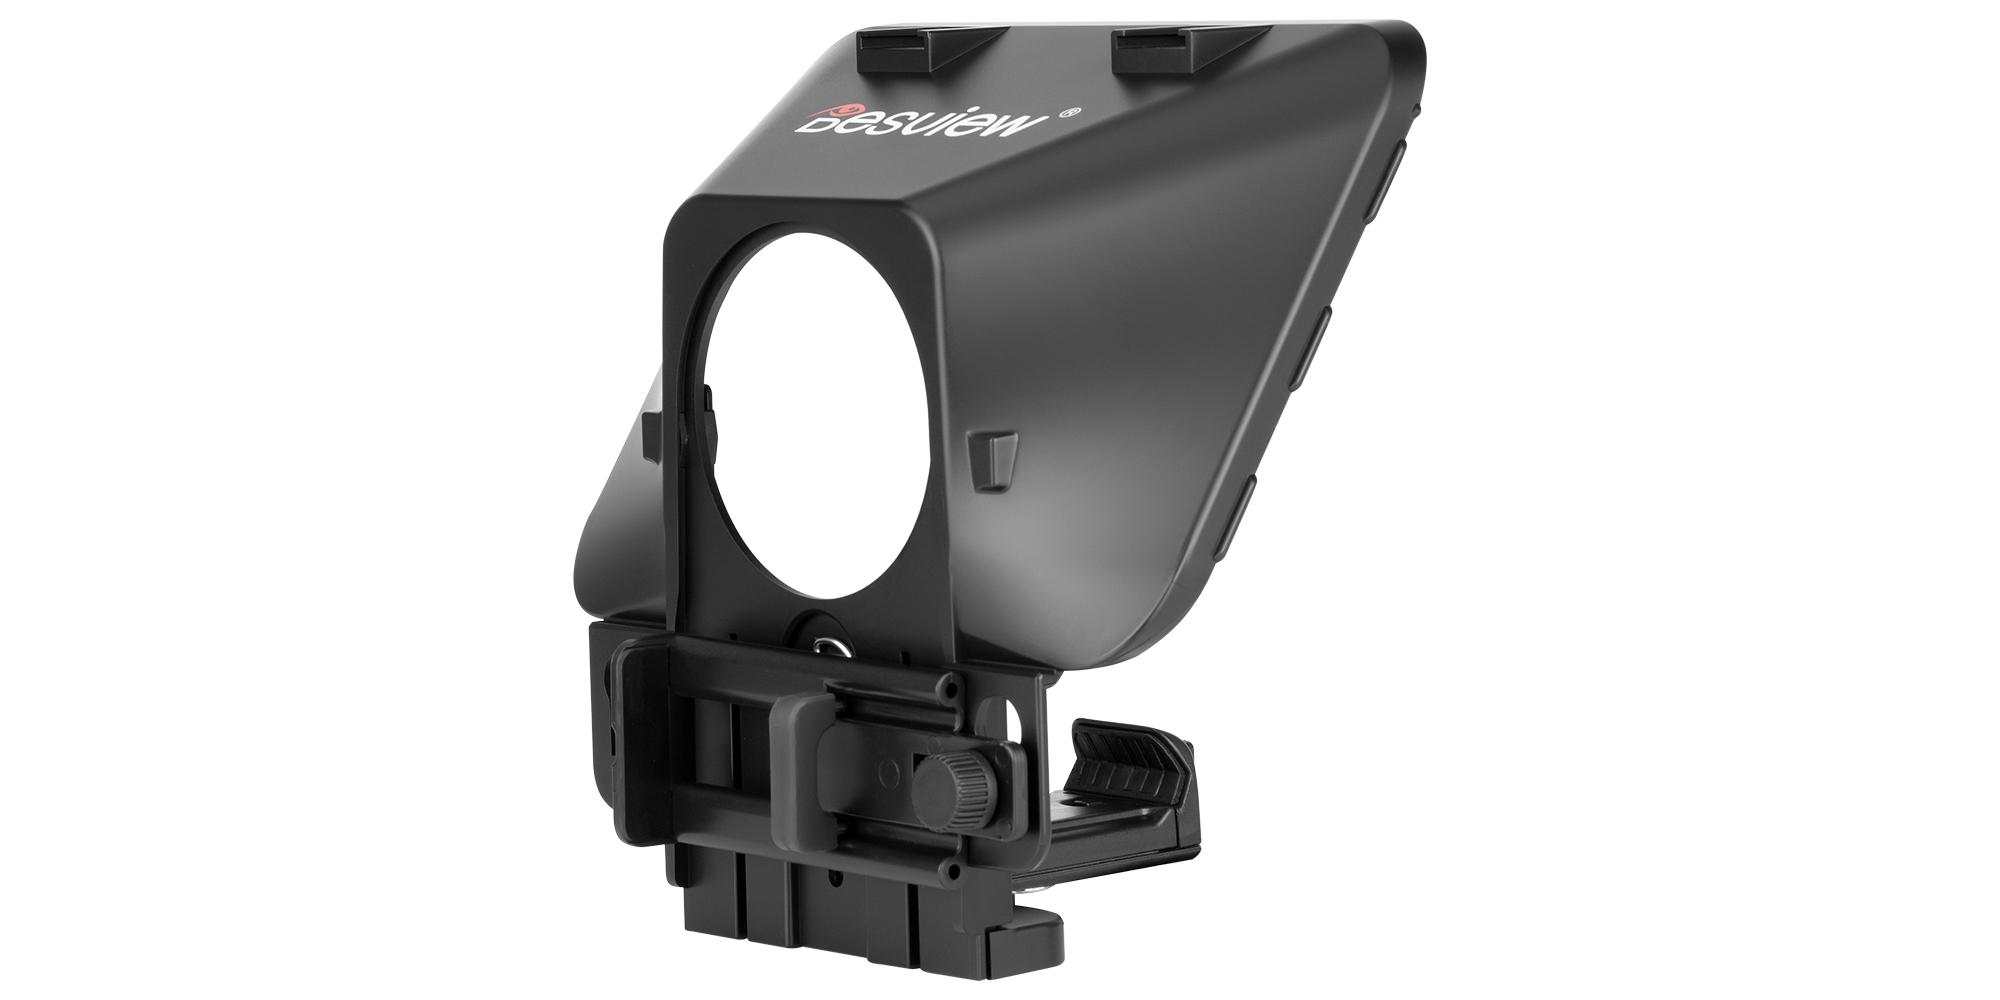 Teleprompter Desview T3 - Montaż dodatkowych akcesoriów